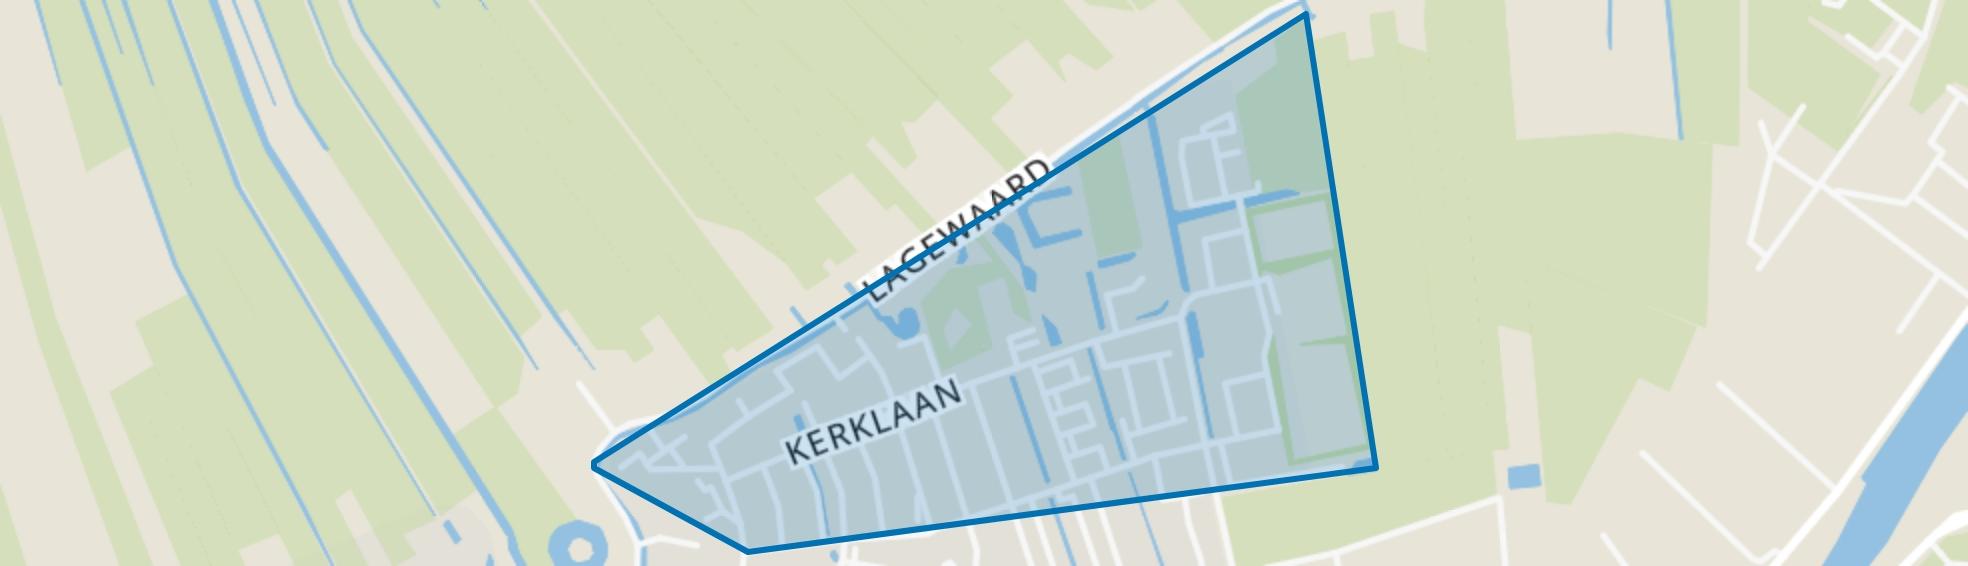 Koudekerk aan den Rijn-Noord, Koudekerk aan den Rijn map